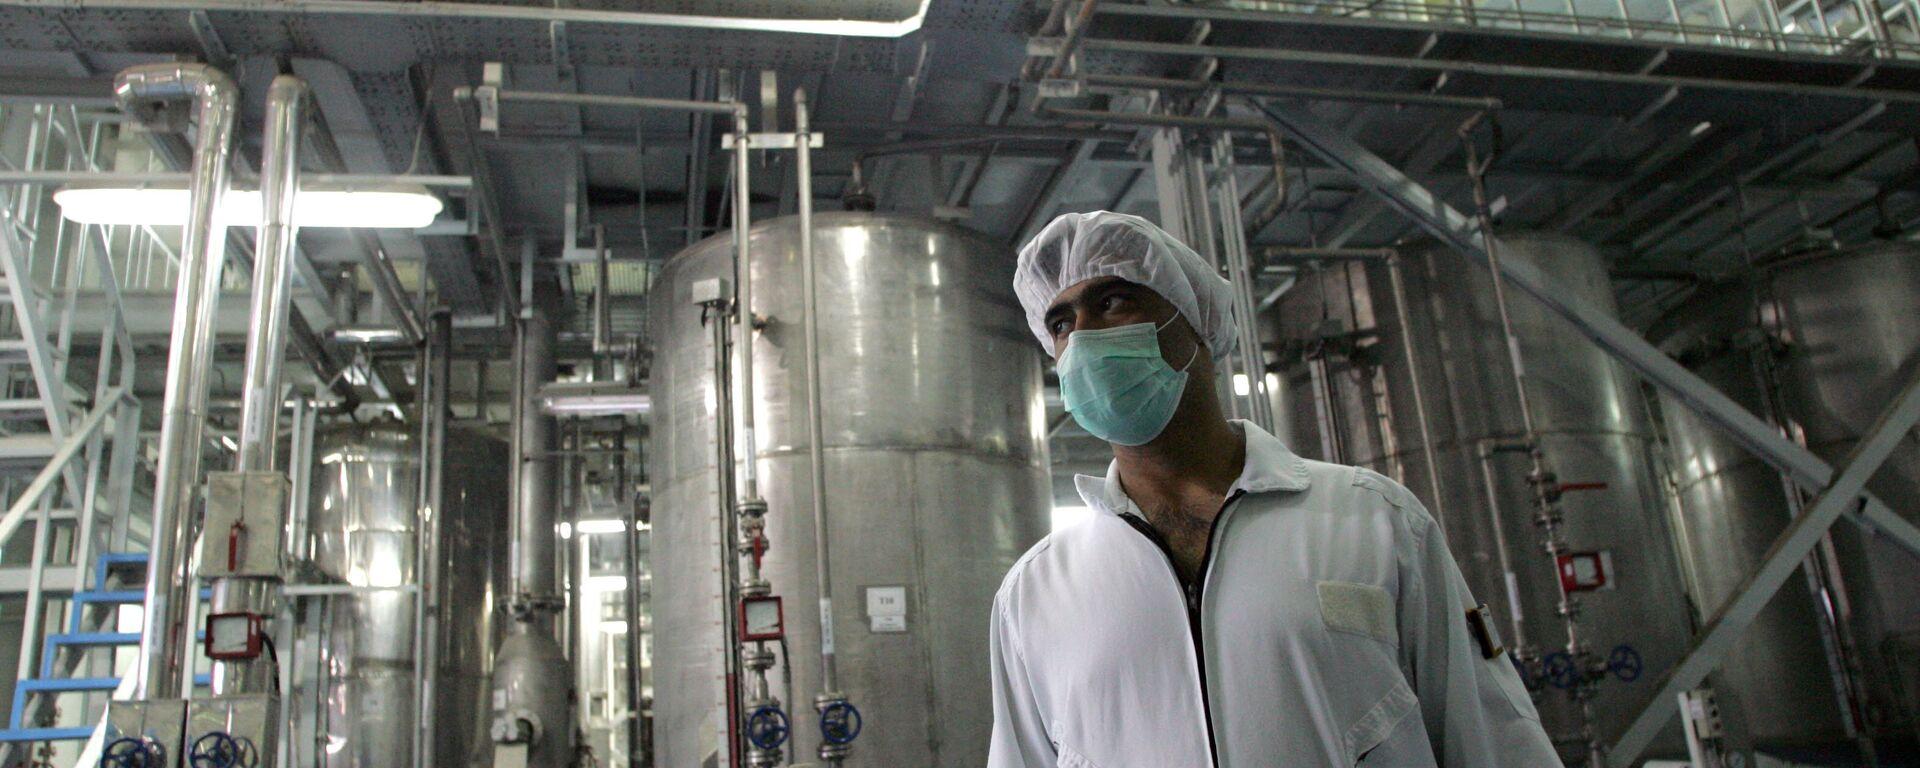 Un tecnólogo iraní en la planta de la conversión nuclear de Isfahan - Sputnik Mundo, 1920, 06.07.2021